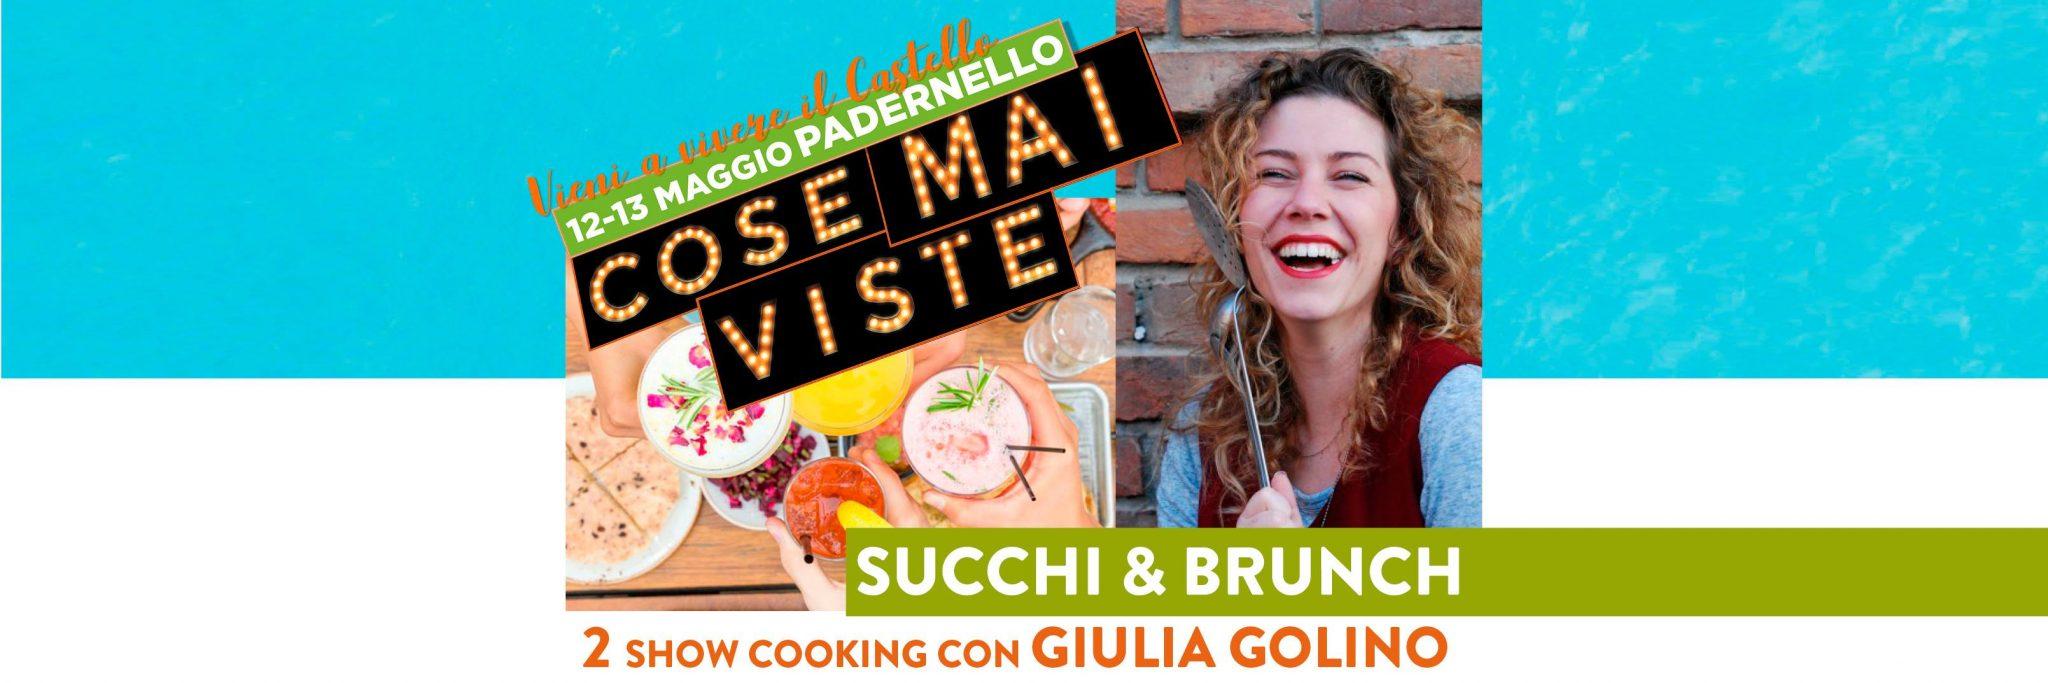 Domenica 13 Maggio Padernello Cose Mai Viste Giulia Golino